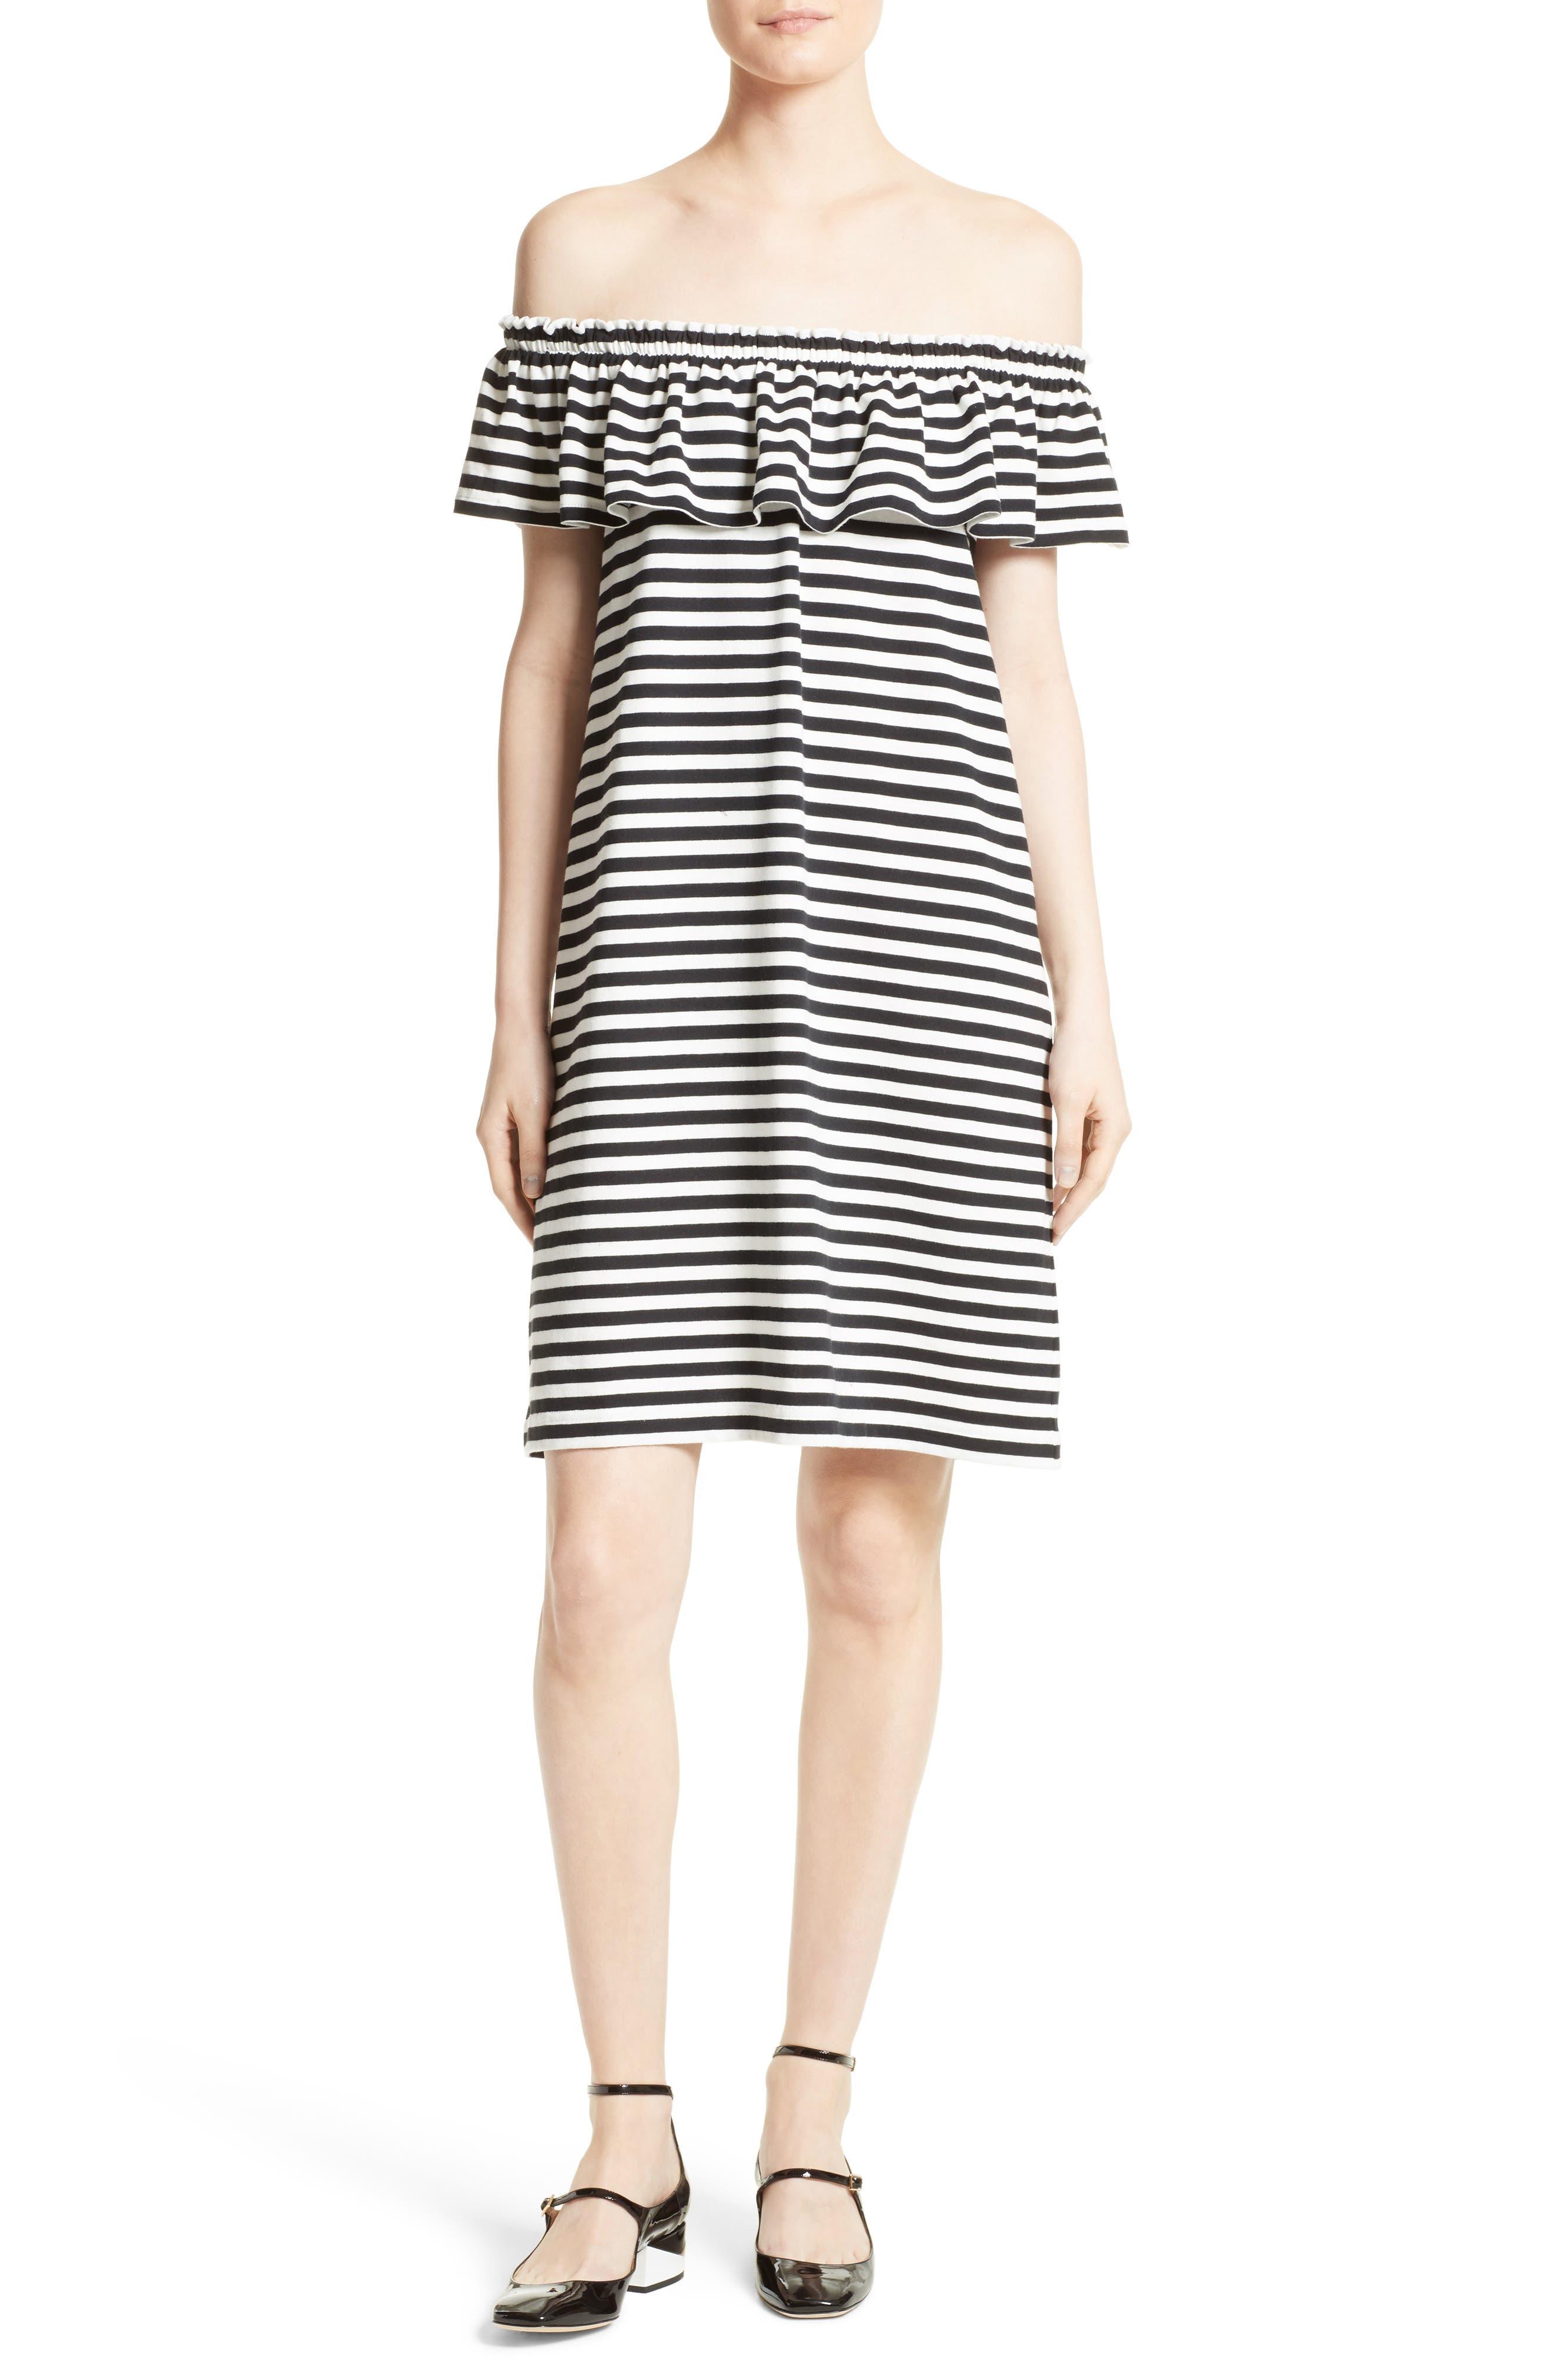 Alternate Image 1 Selected - kate spade new york stripe knit off the shoulder dress